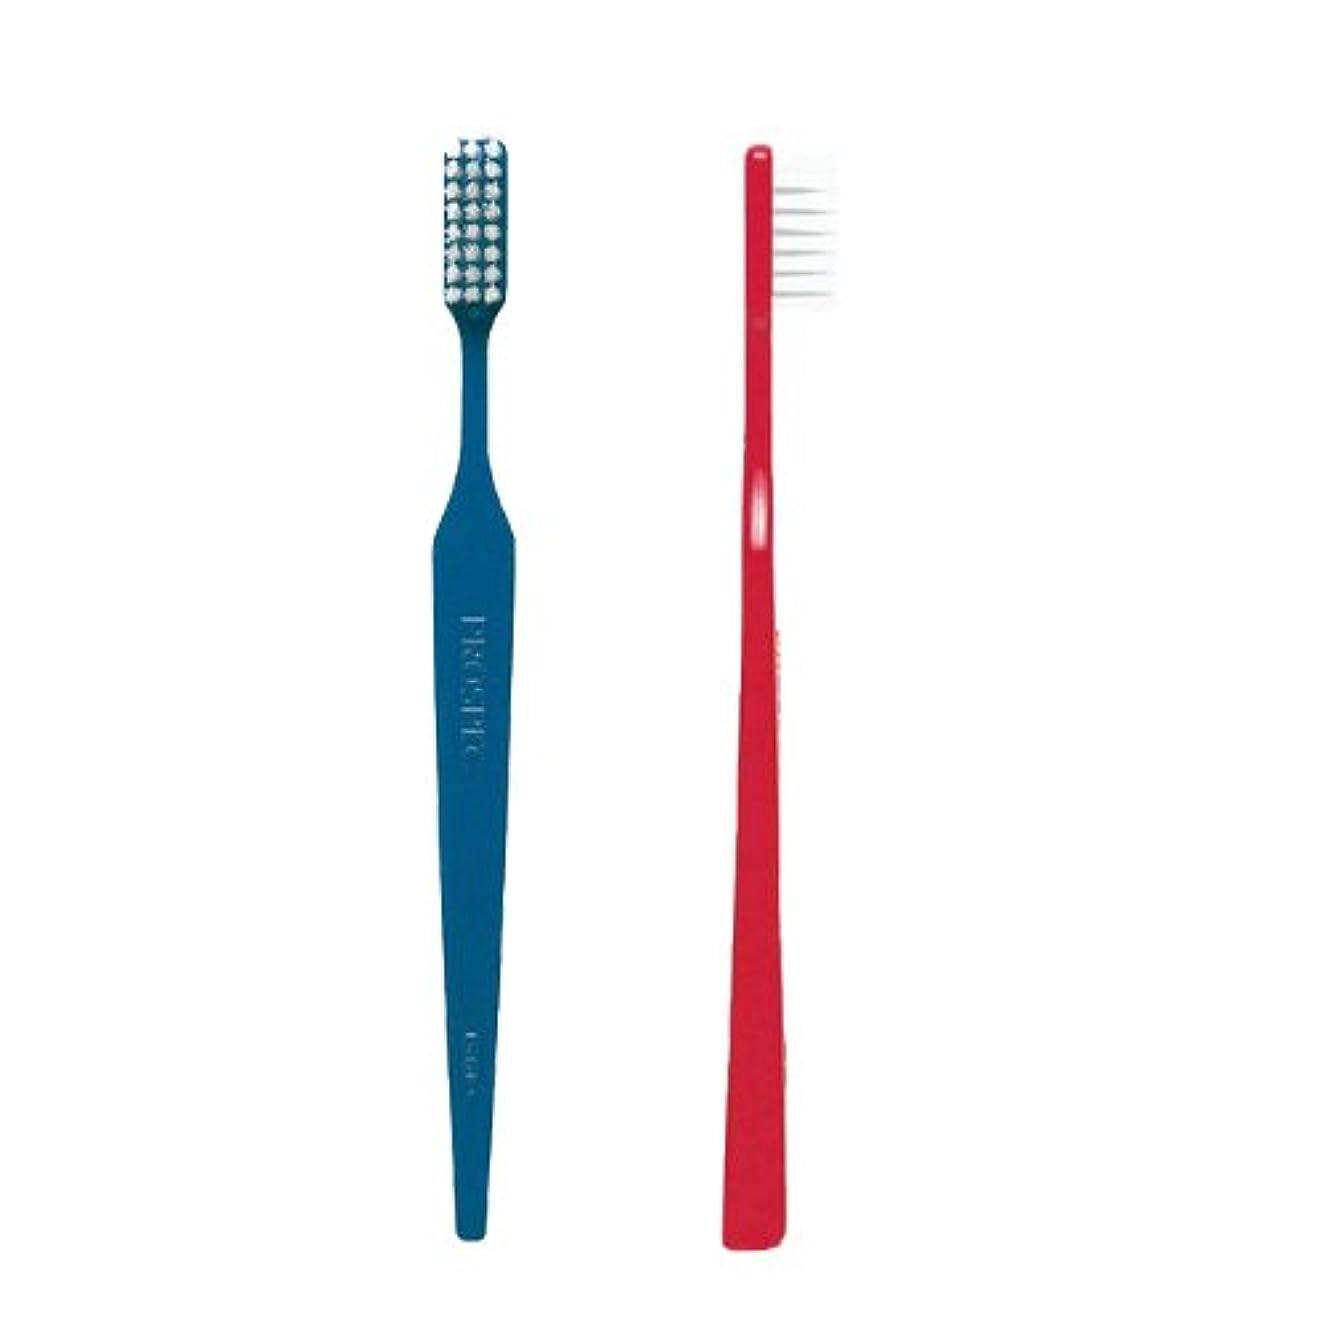 関連付ける困惑した着替えるGC ジーシープロスペック歯ブラシ アダルト× 5本セット H(かため)